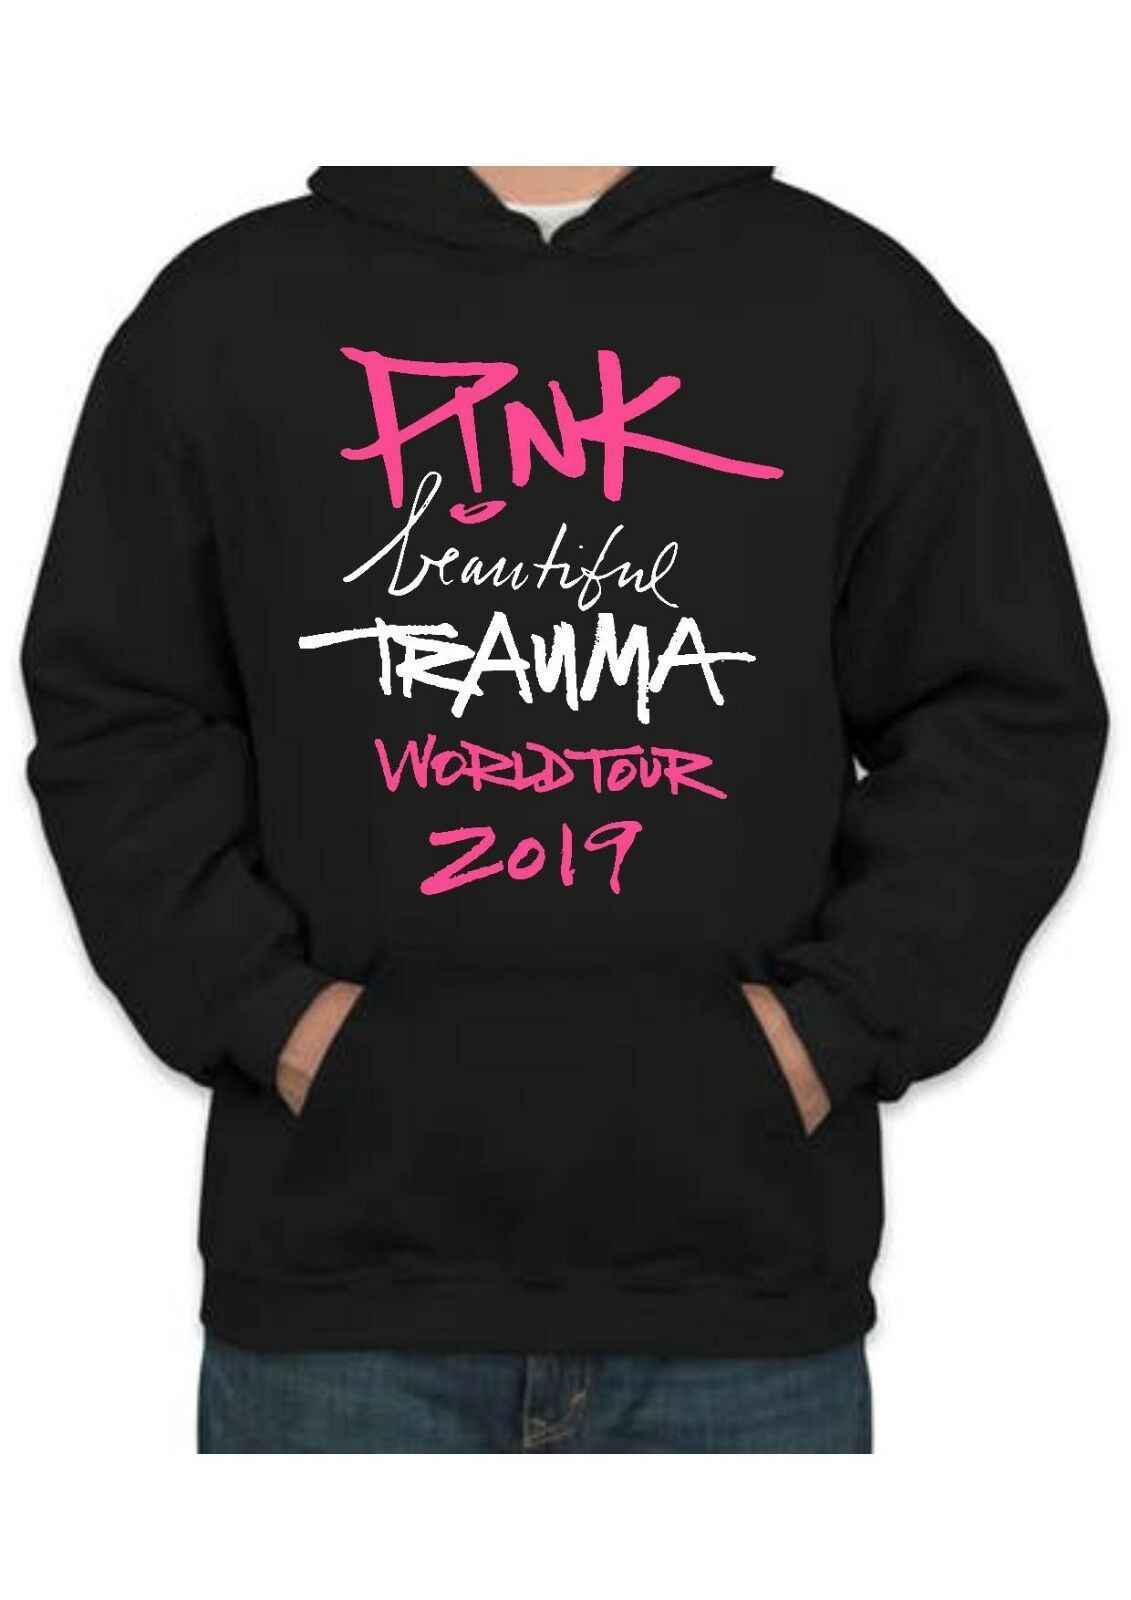 Rosa-belo trauma world tour 2019 unissex hoody idade 5/6-3xl pop ícone concerto roupas masculinas femininas casaco com capuz